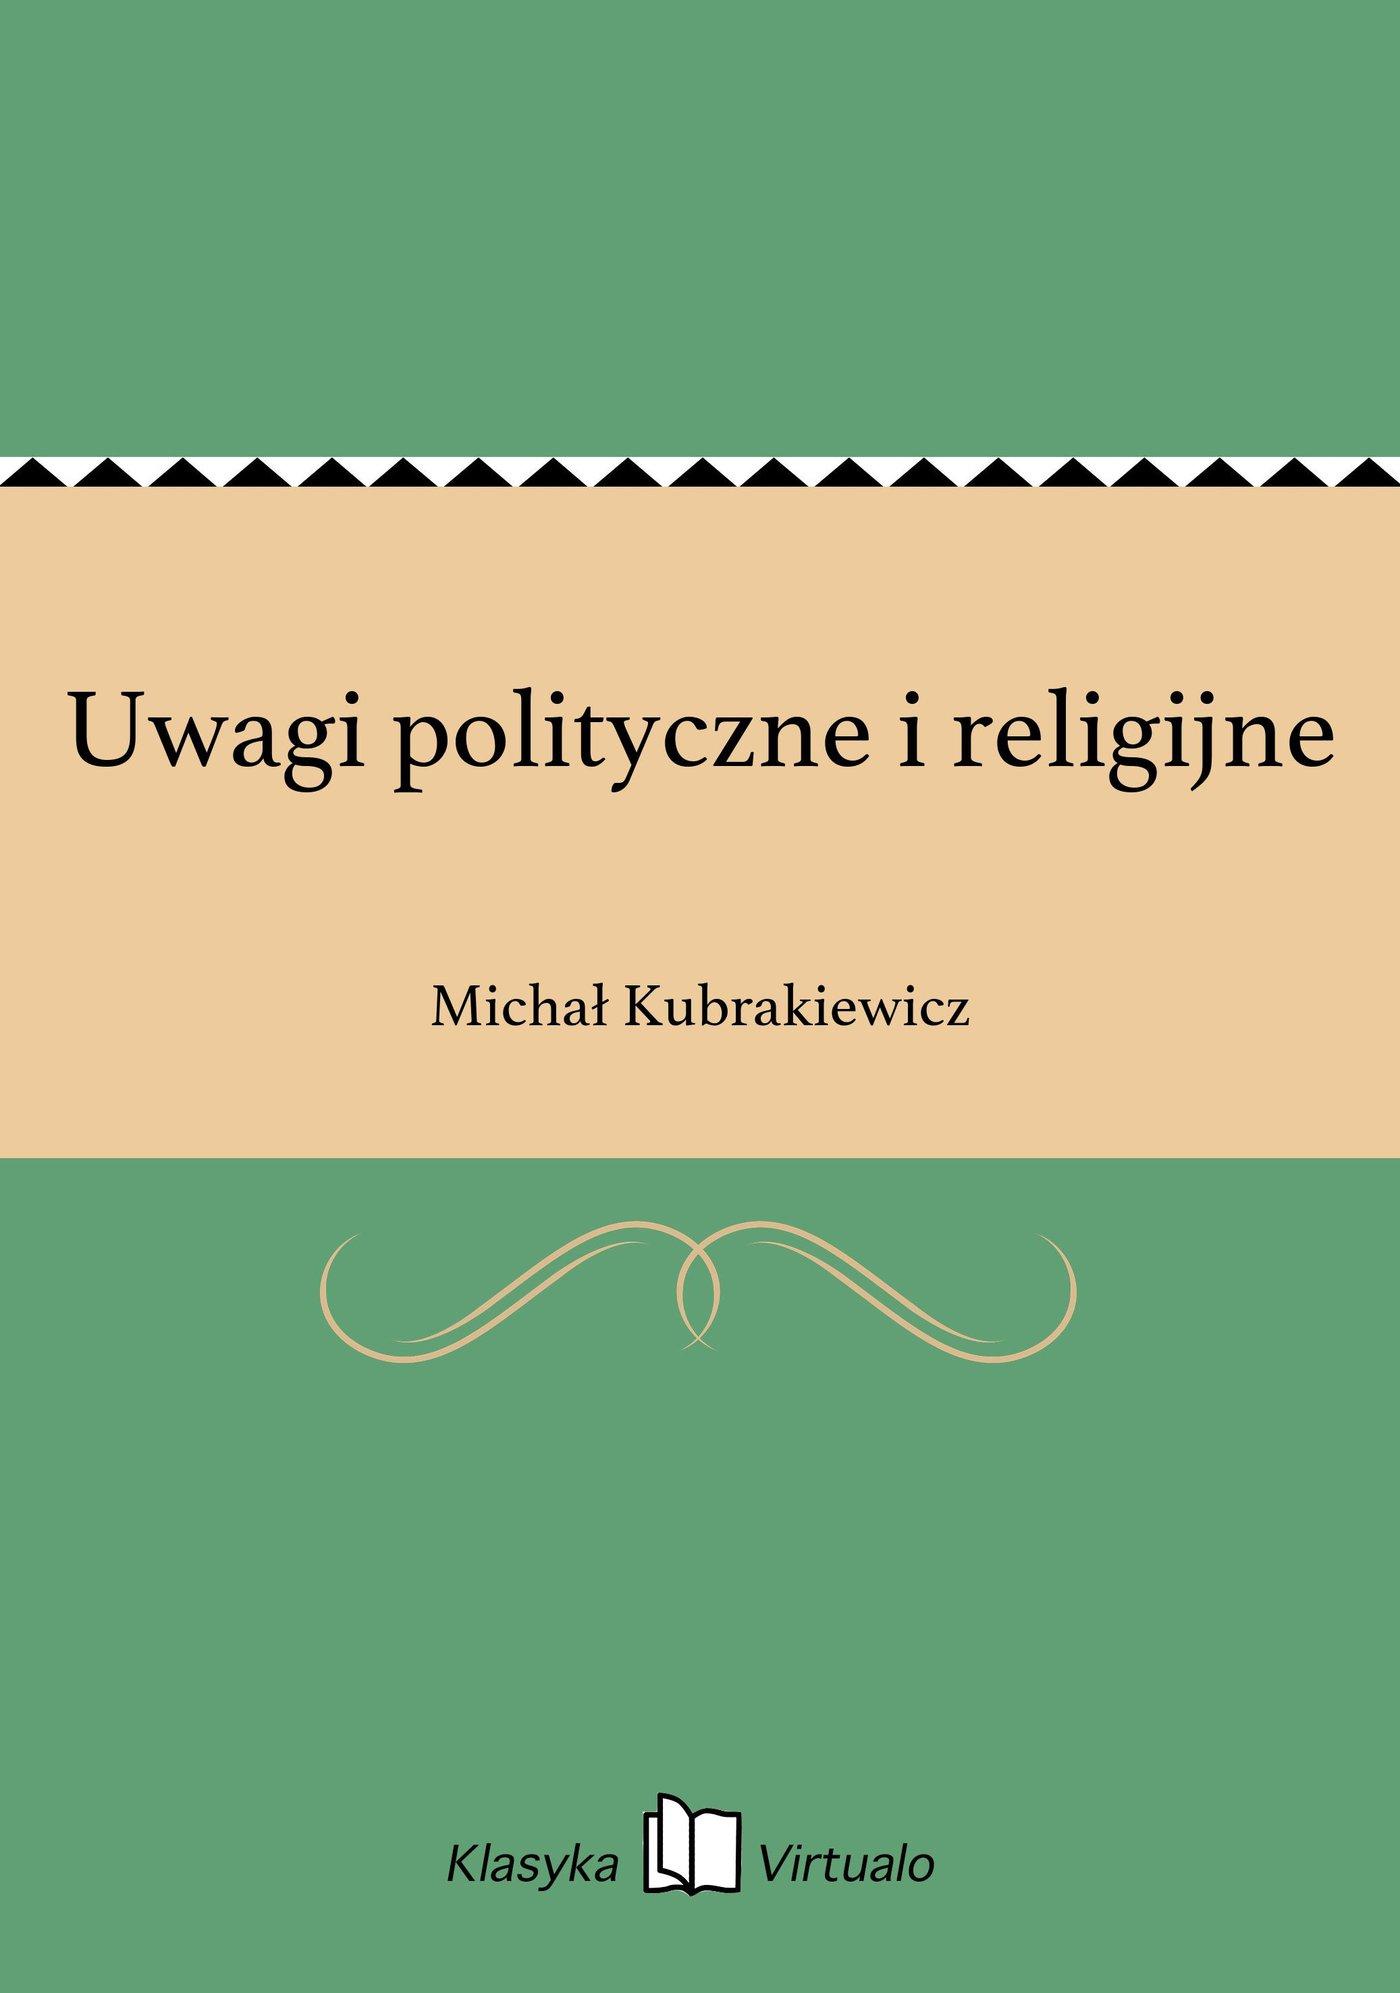 Uwagi polityczne i religijne - Ebook (Książka EPUB) do pobrania w formacie EPUB